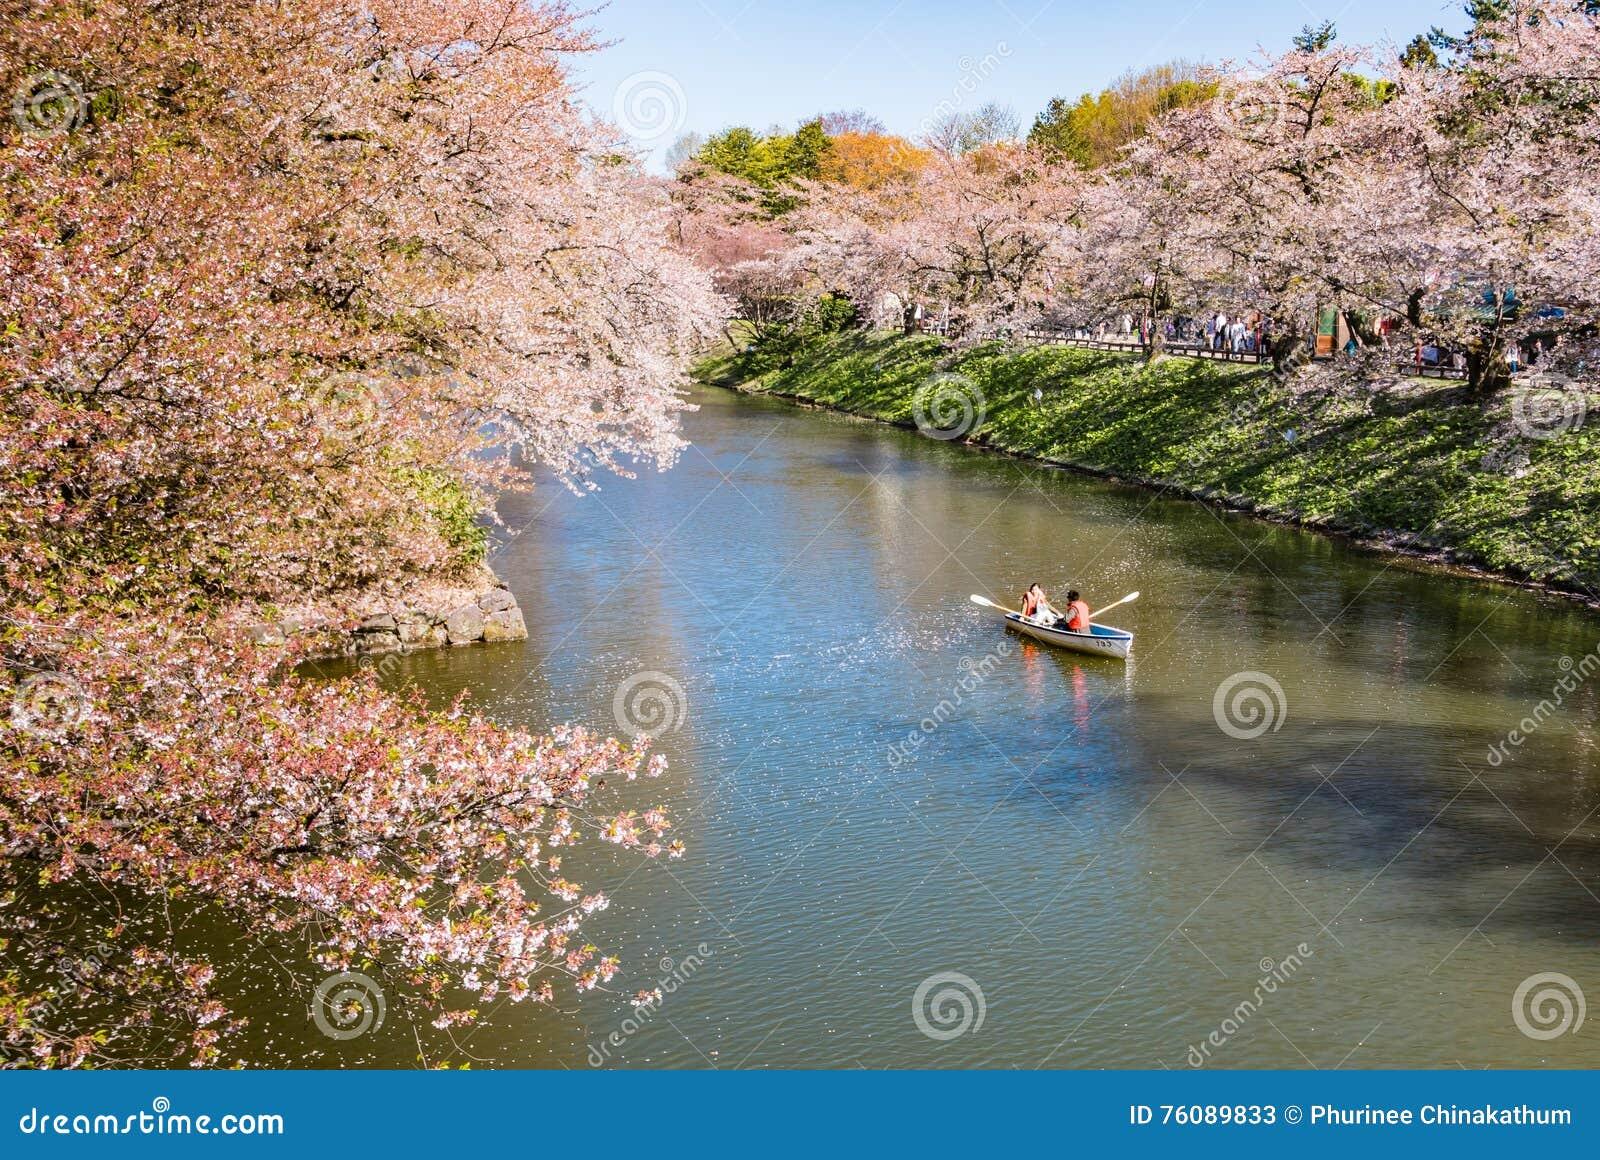 Fleurs de cerisier au parc de château de Hirosaki